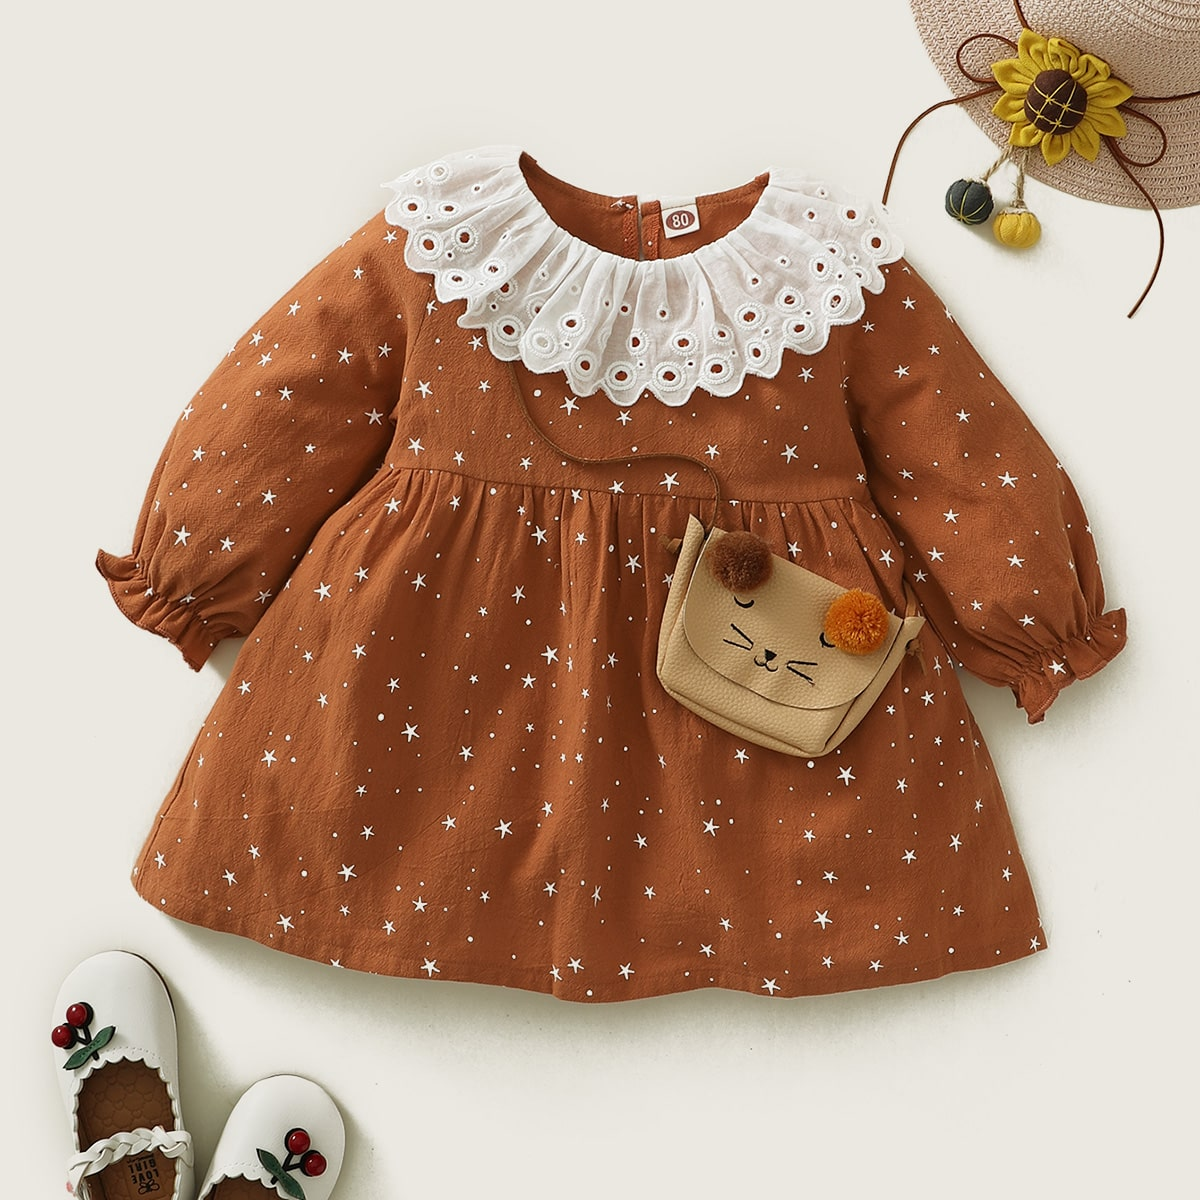 Платье в горошек с принтом звездыи и ажурной вышивкой для девочек от SHEIN